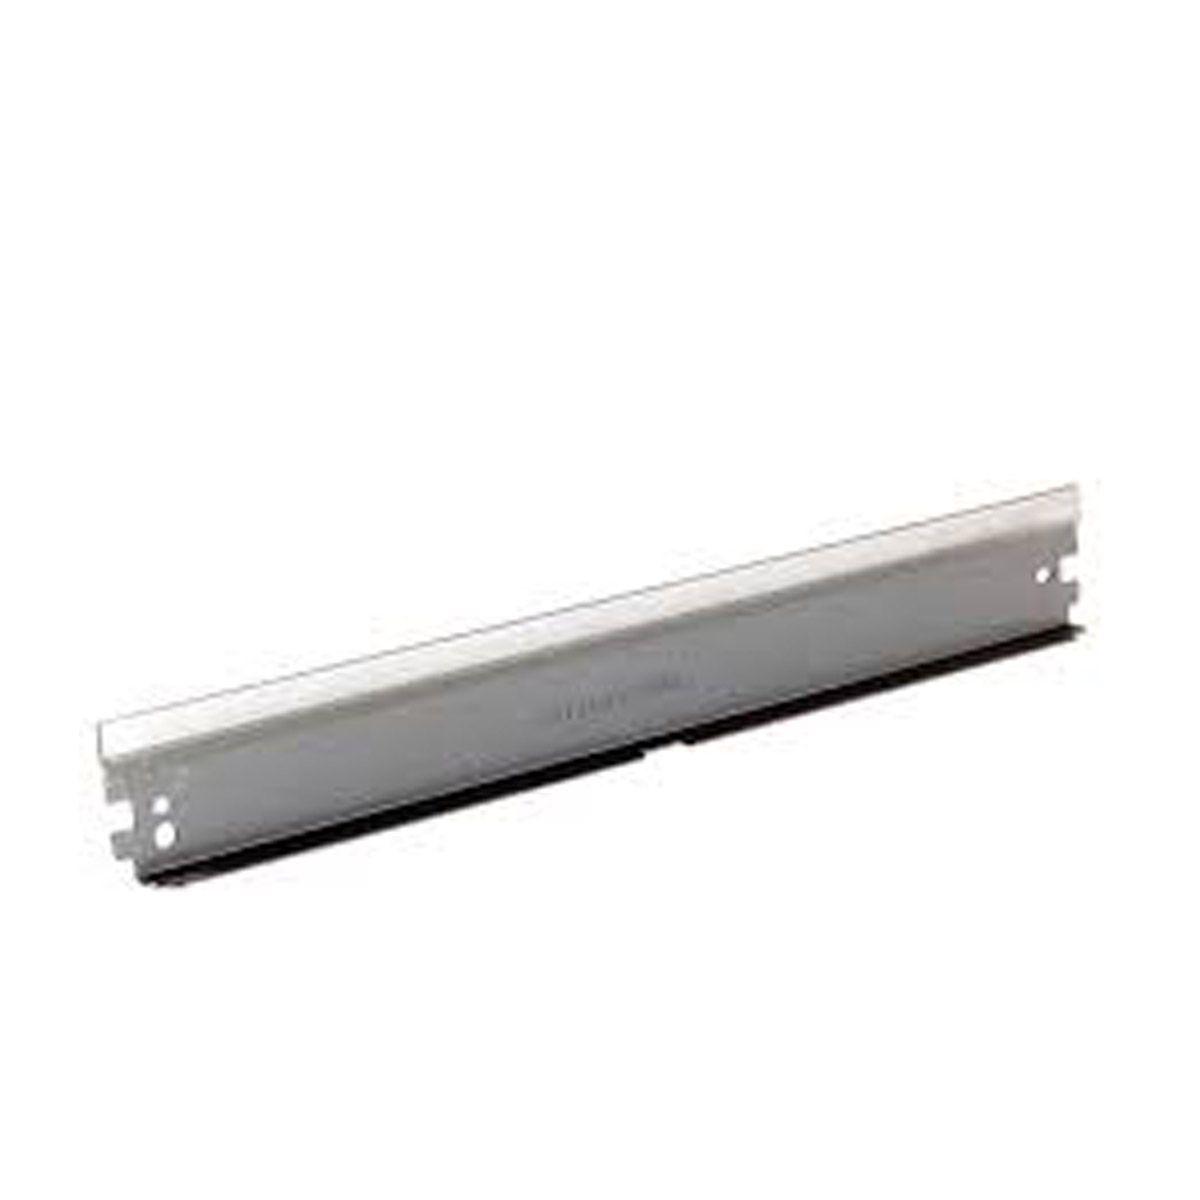 Lamina Limpeza Wiper Blade HP CE255 CE255A CE255X - P3015 P3016 M521 M525